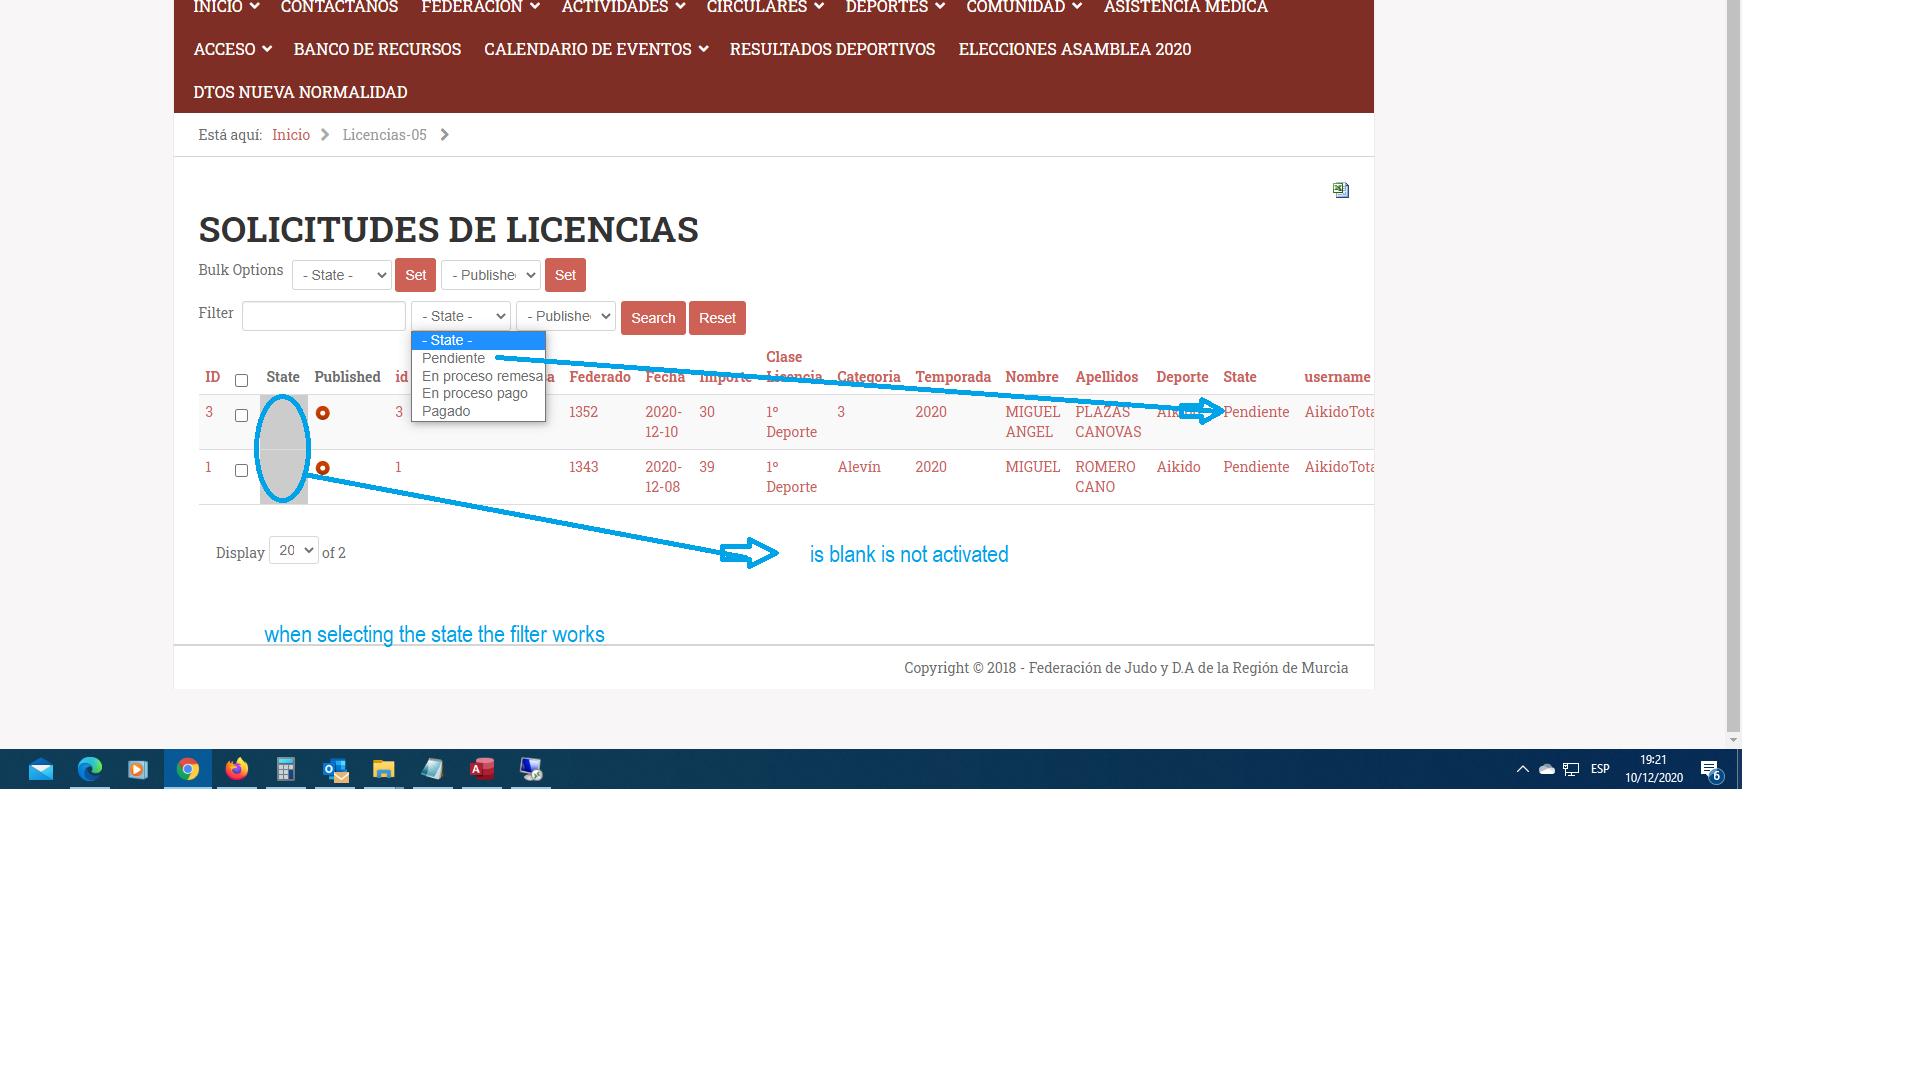 seleccionlicenciaspendientes.png